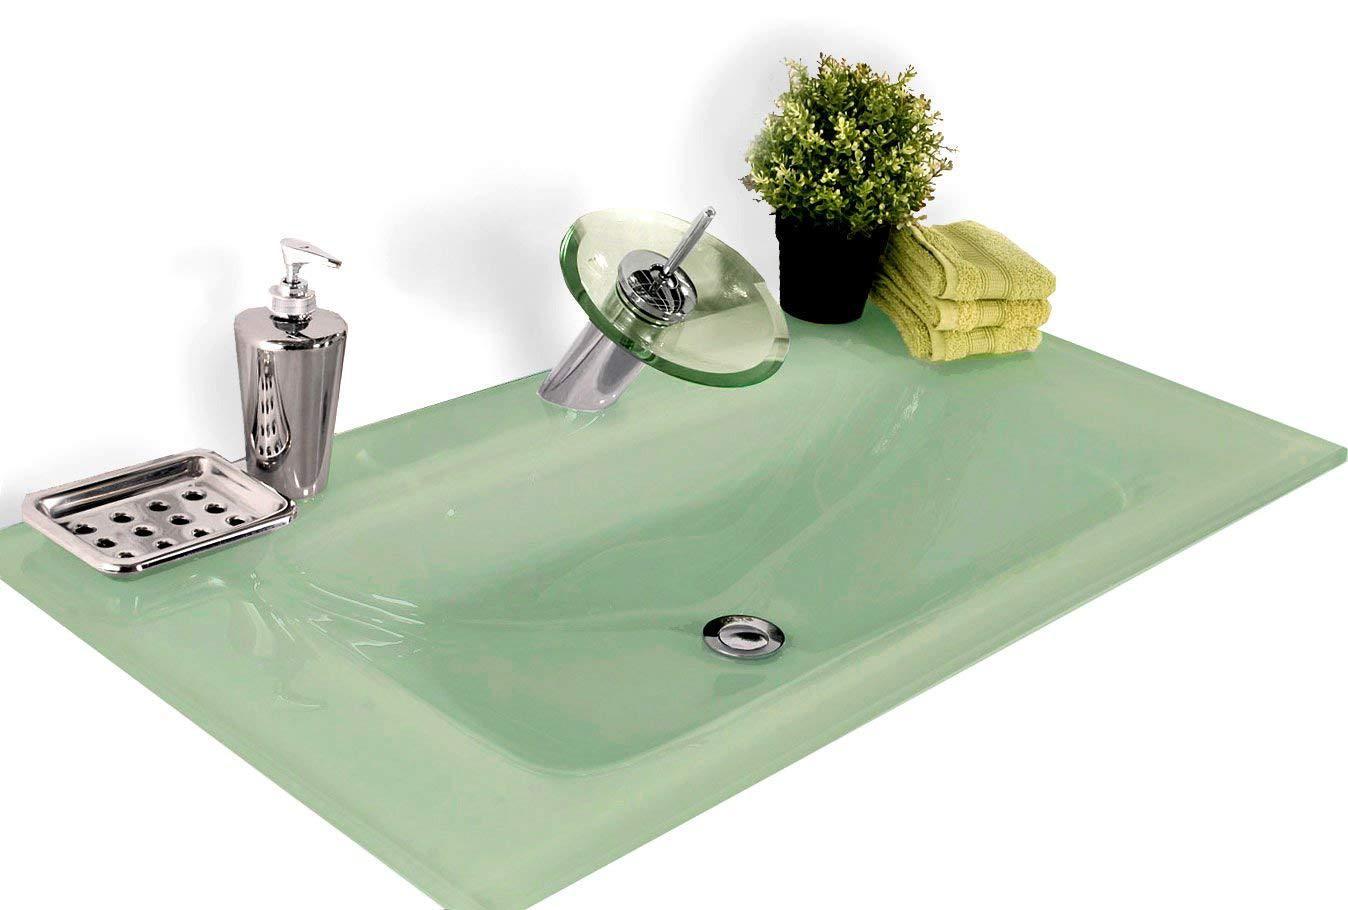 Details zu Waschbecken Milchglas Badezimmer Waschplatz Tisch Mintgrün  rechteckig 16cm